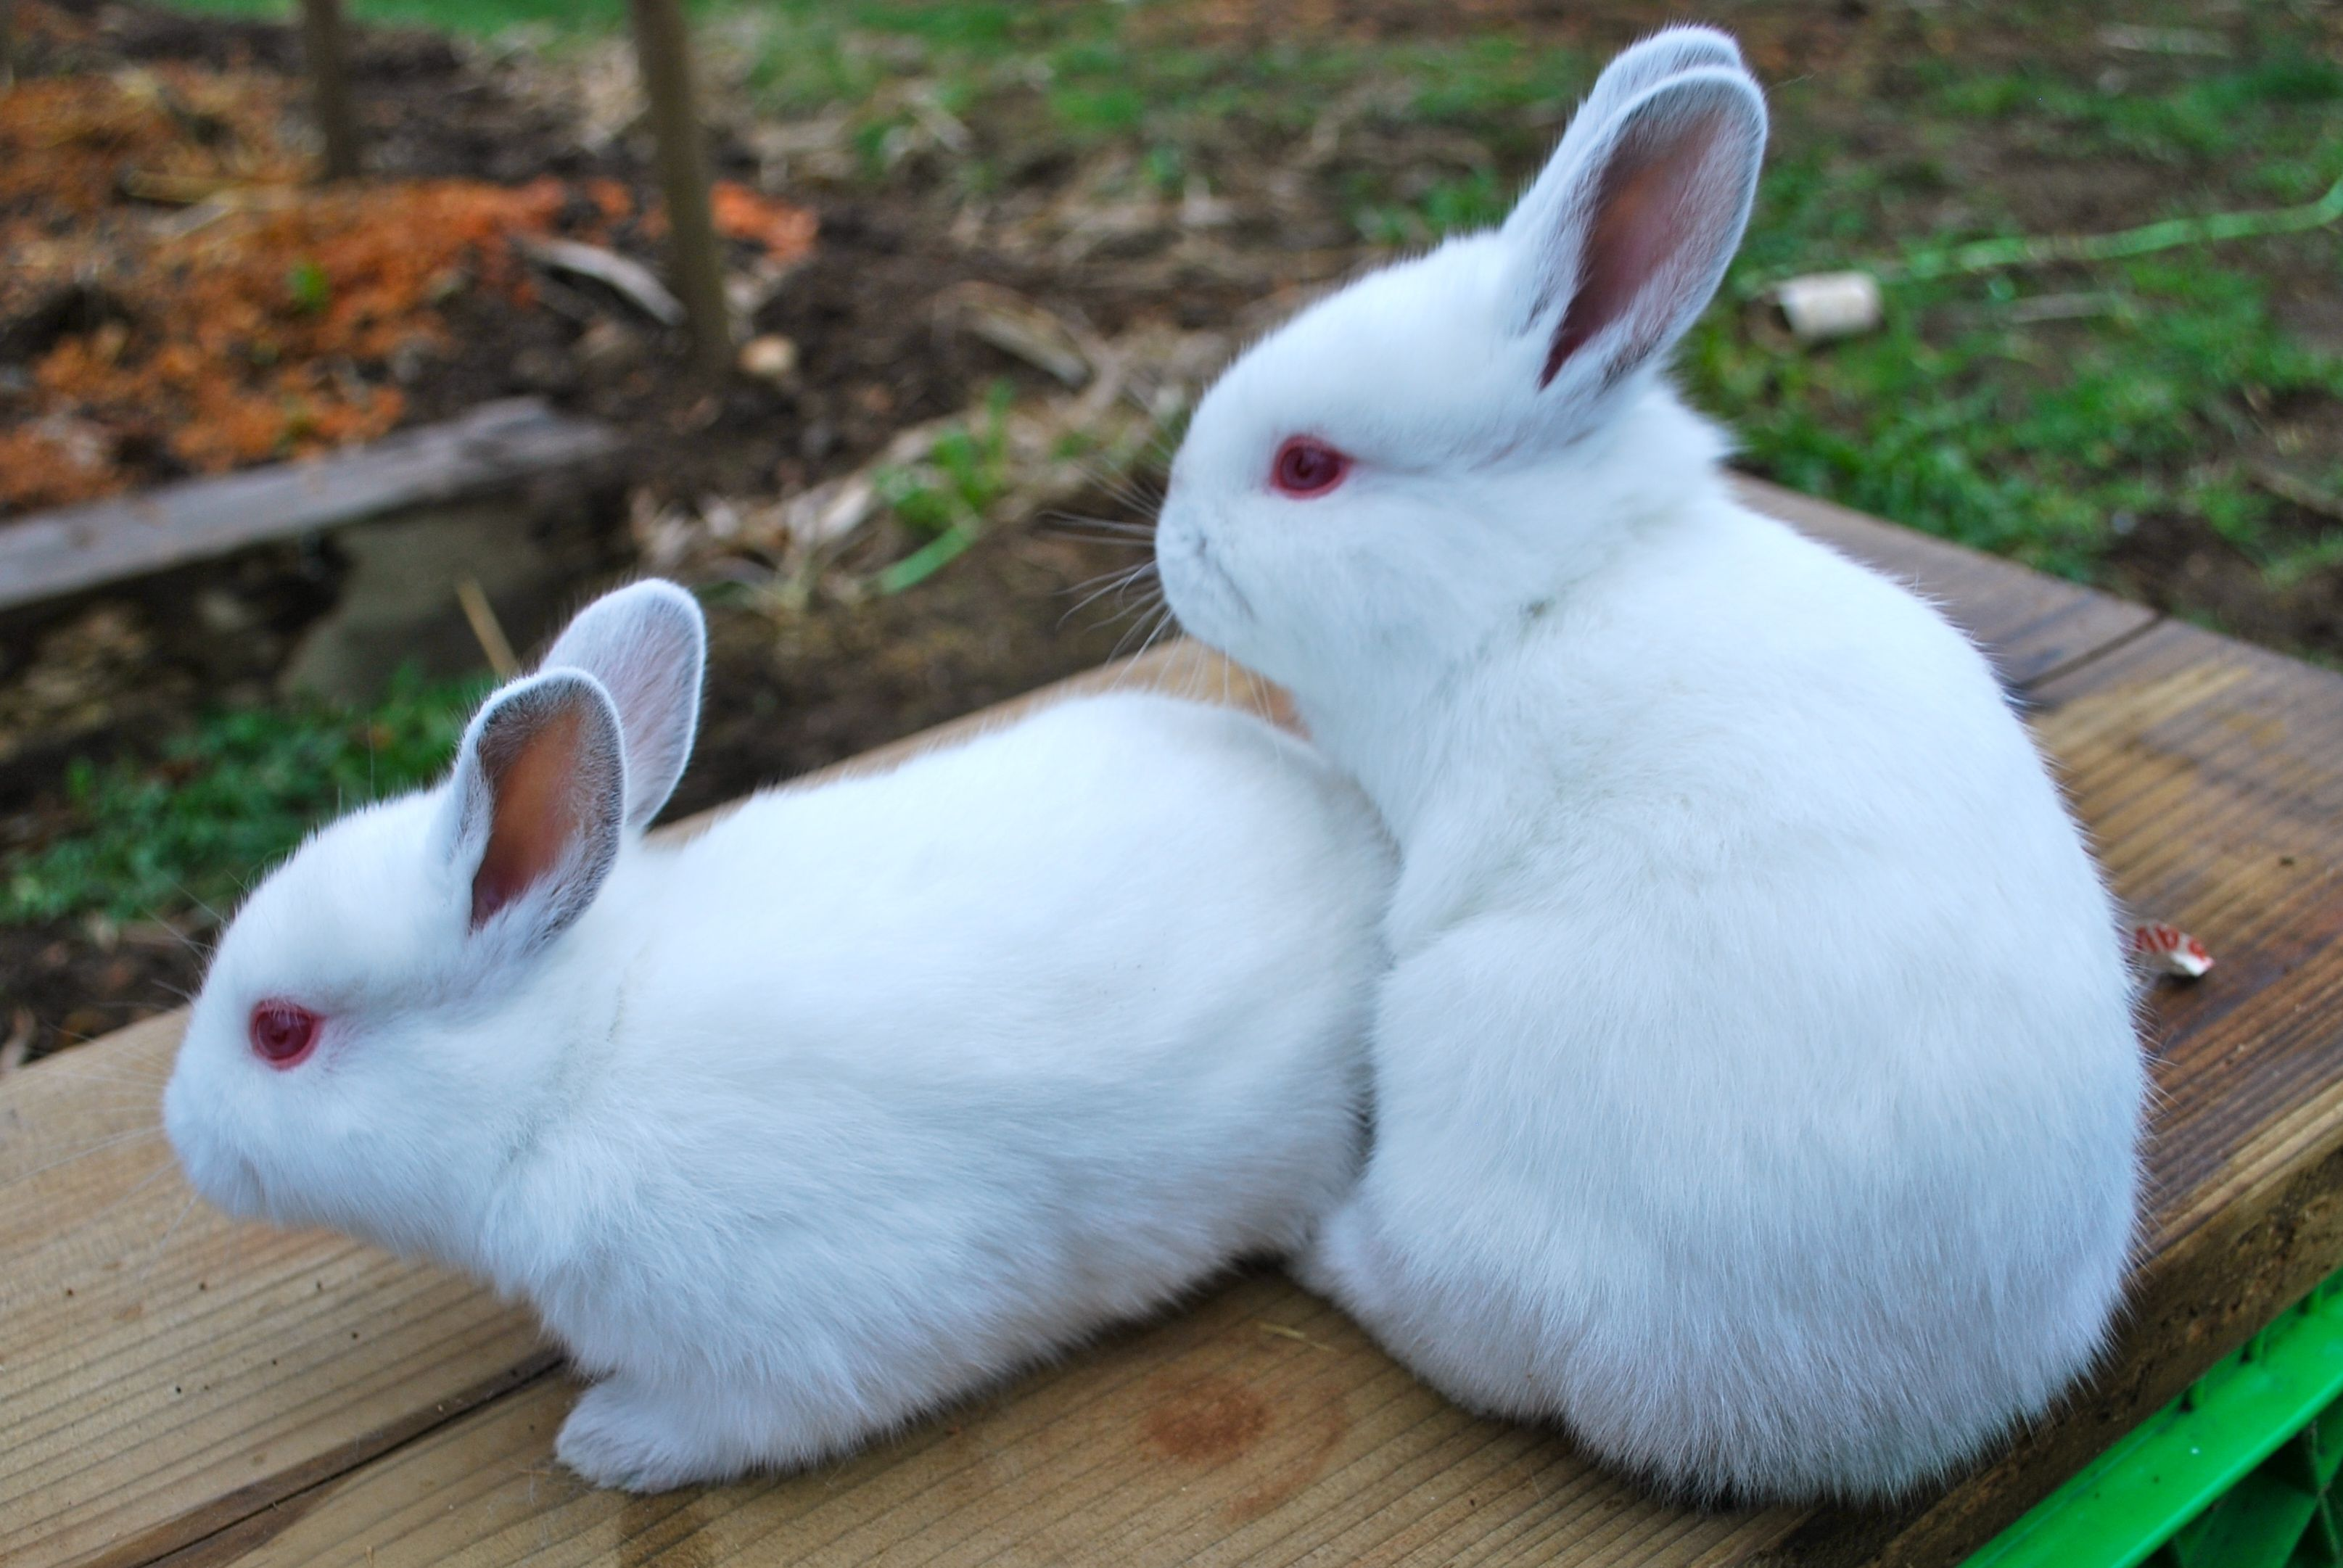 De ce iepurii mor fără un motiv aparent și ce ar trebui să fac?